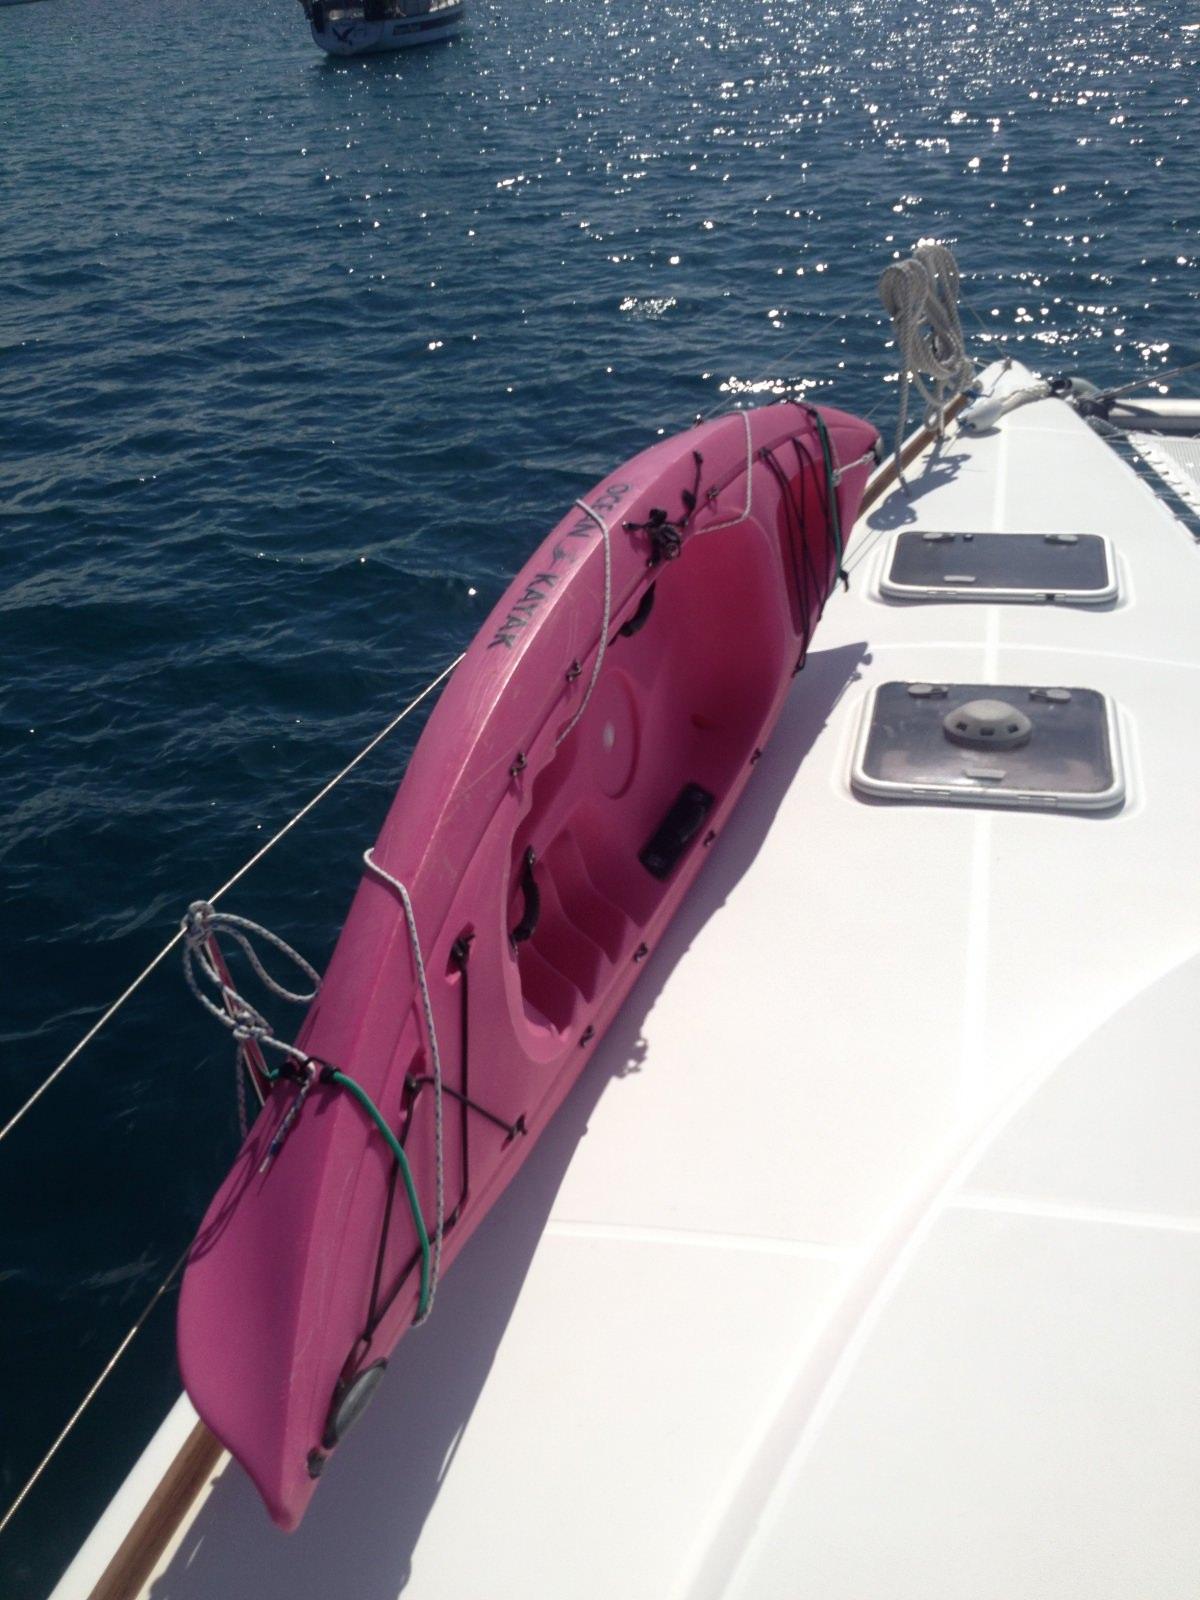 Image of MANGO yacht #16